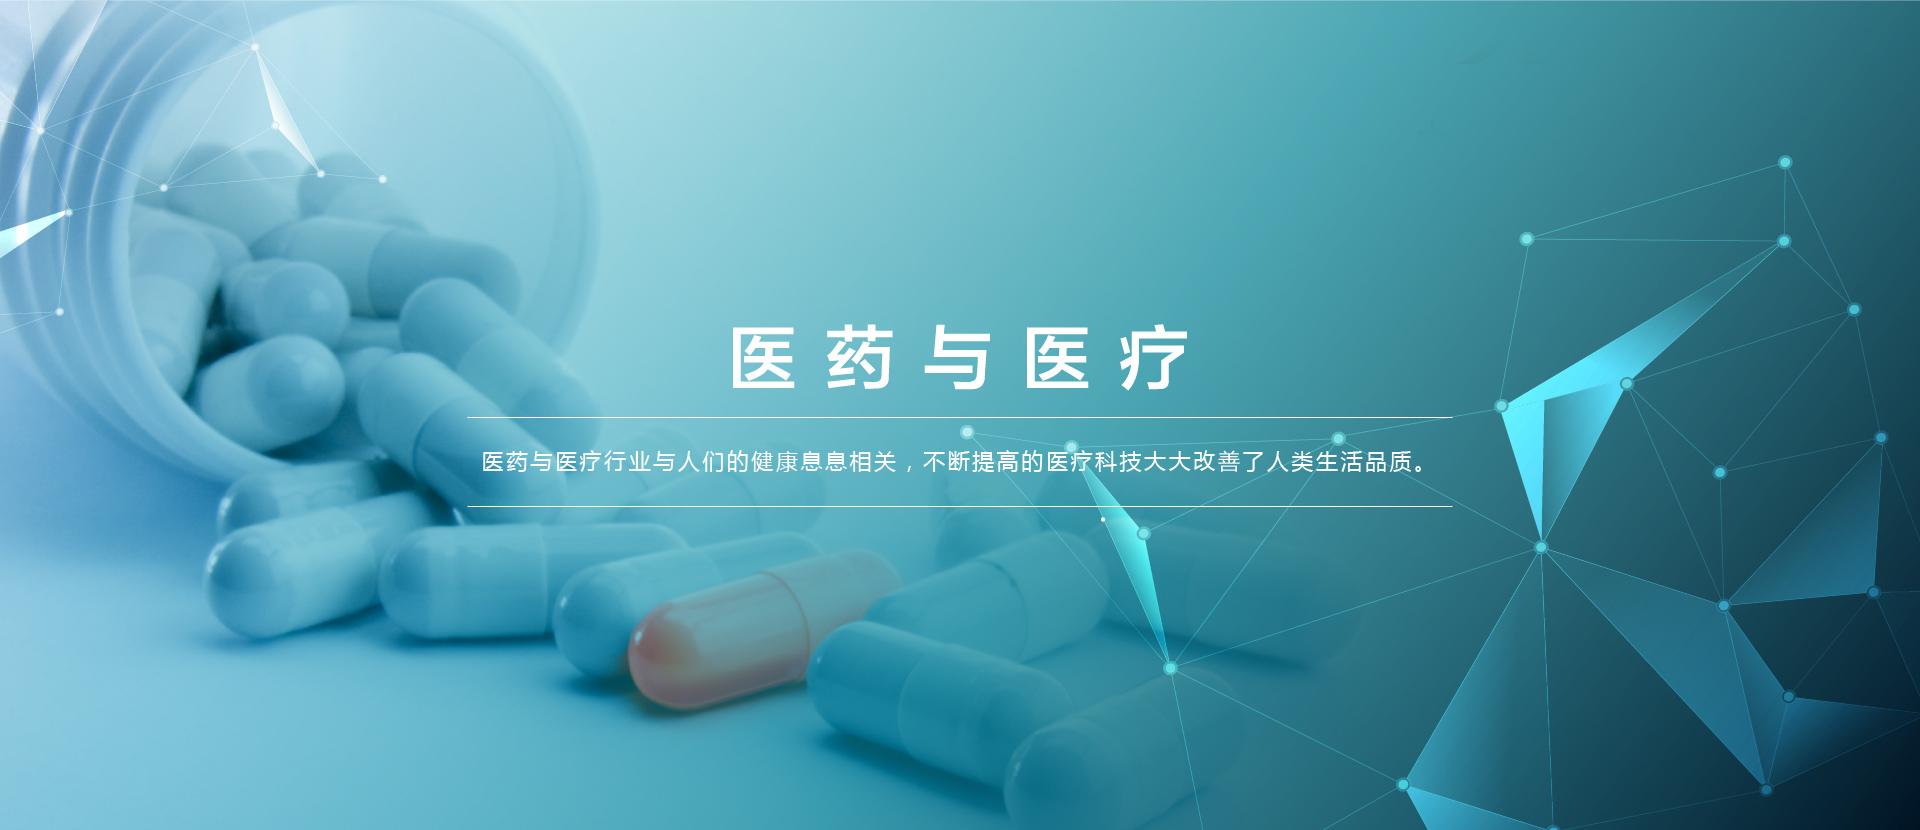 海报1(医药与医疗)